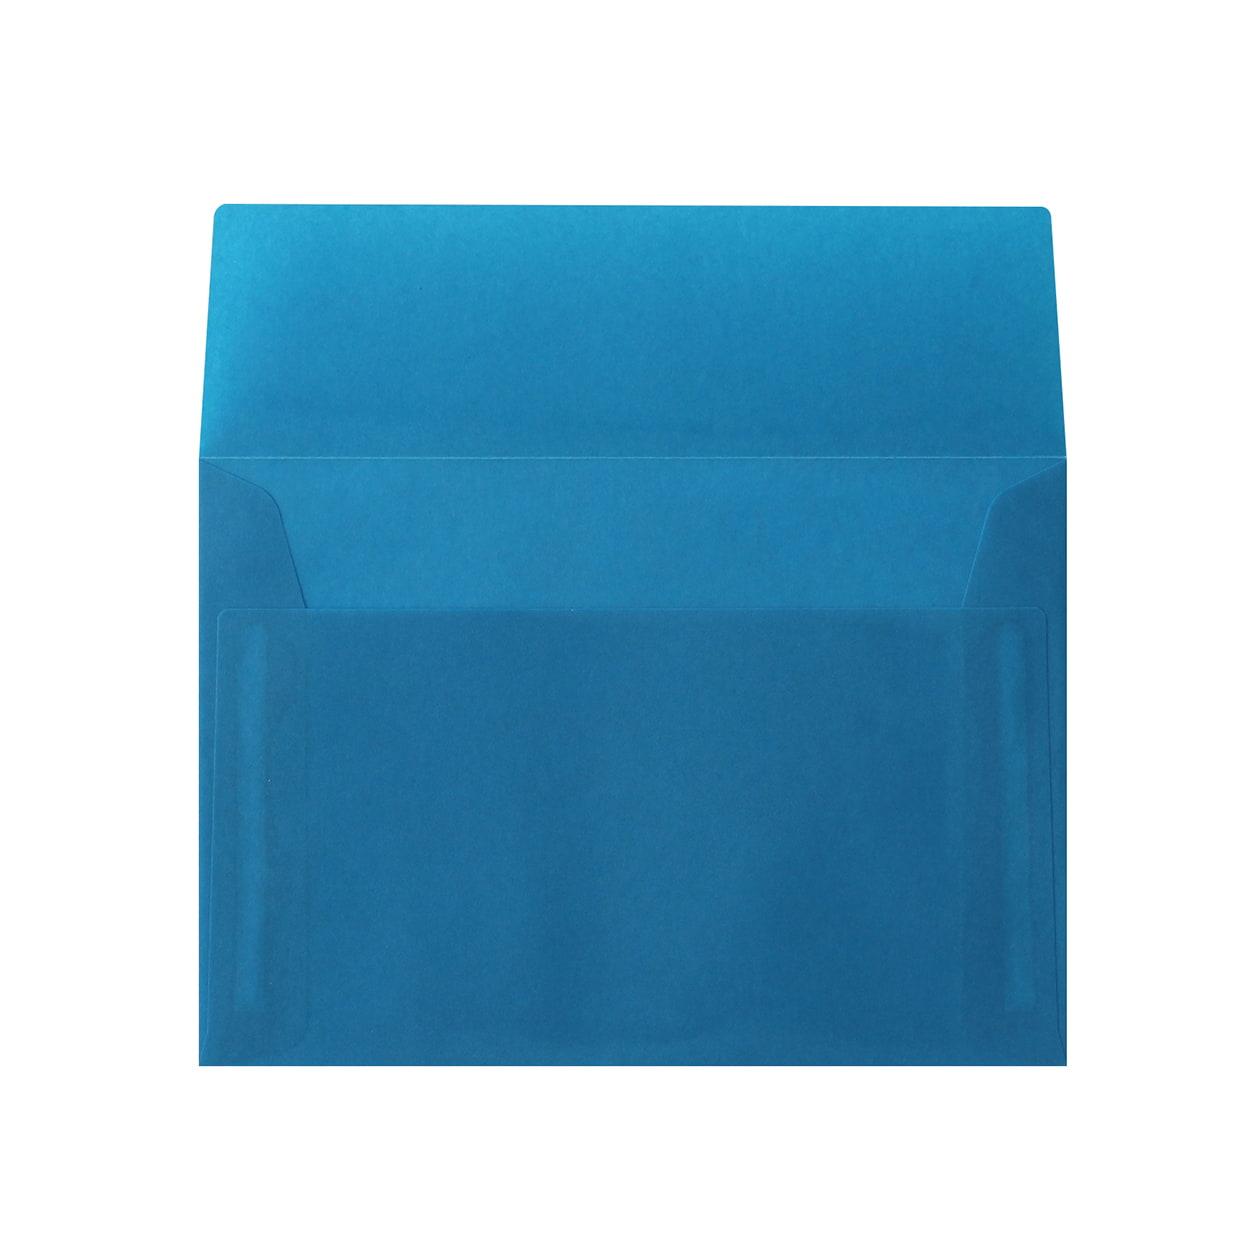 洋2カマス封筒 クラフトロウ引き ブルー